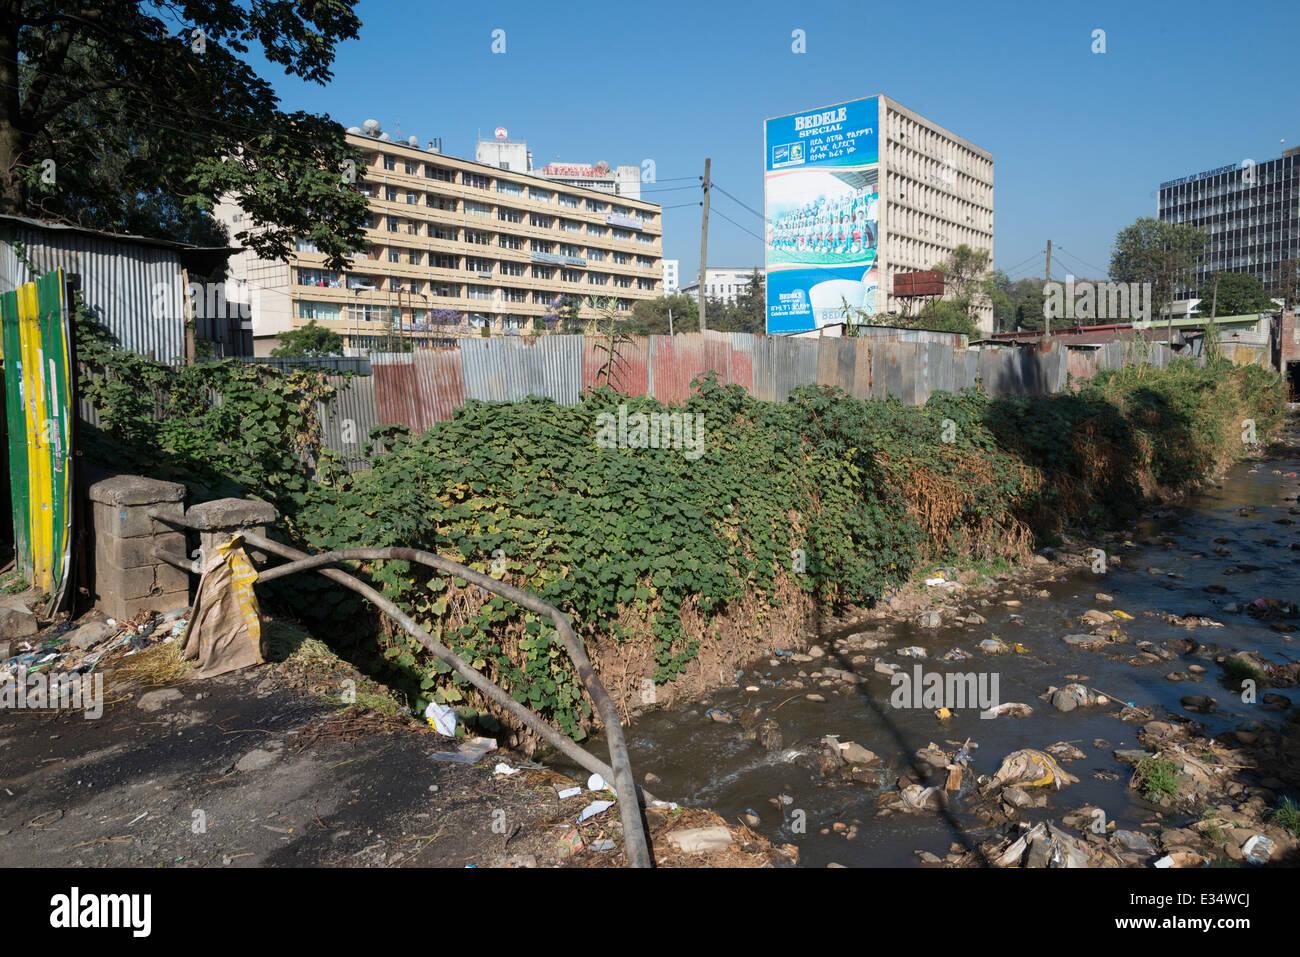 Raw sewage. Addis Abeba. Ethiopia - Stock Image